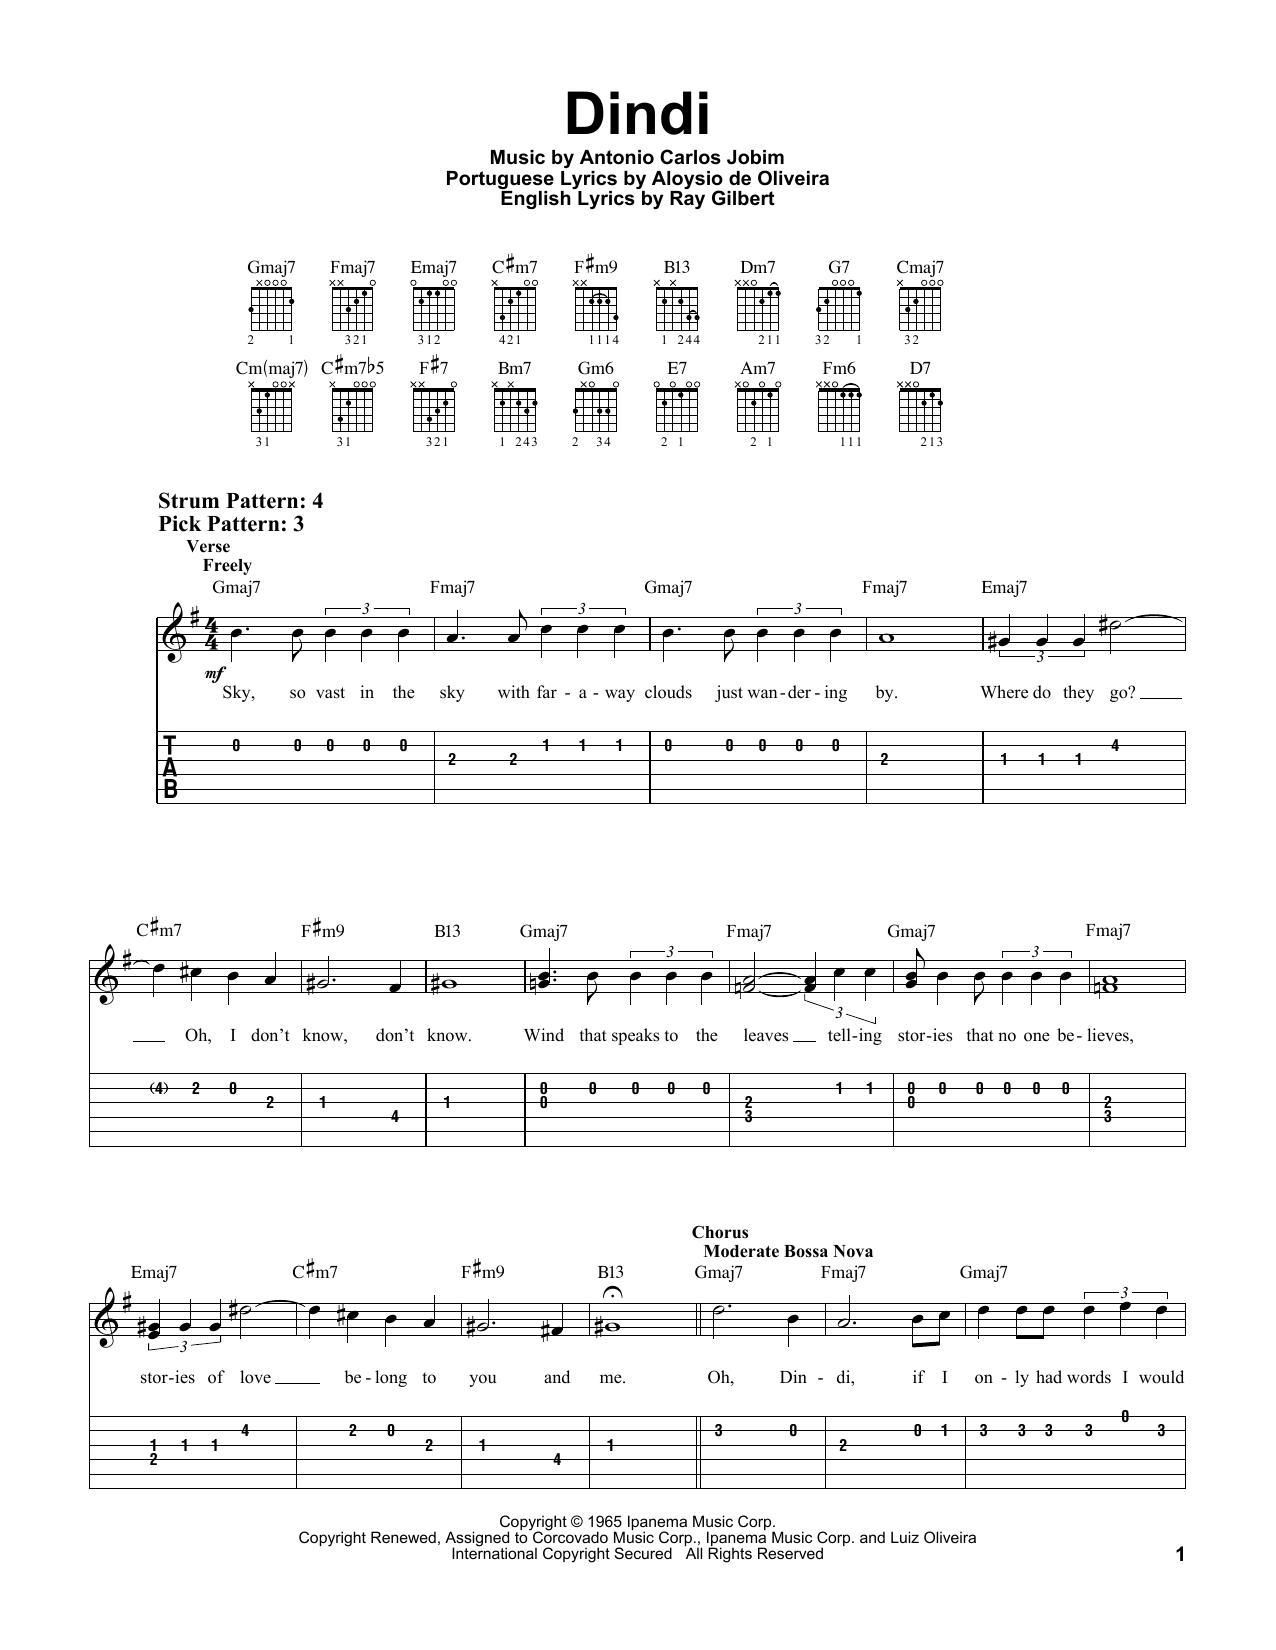 Dindi Sheet Music